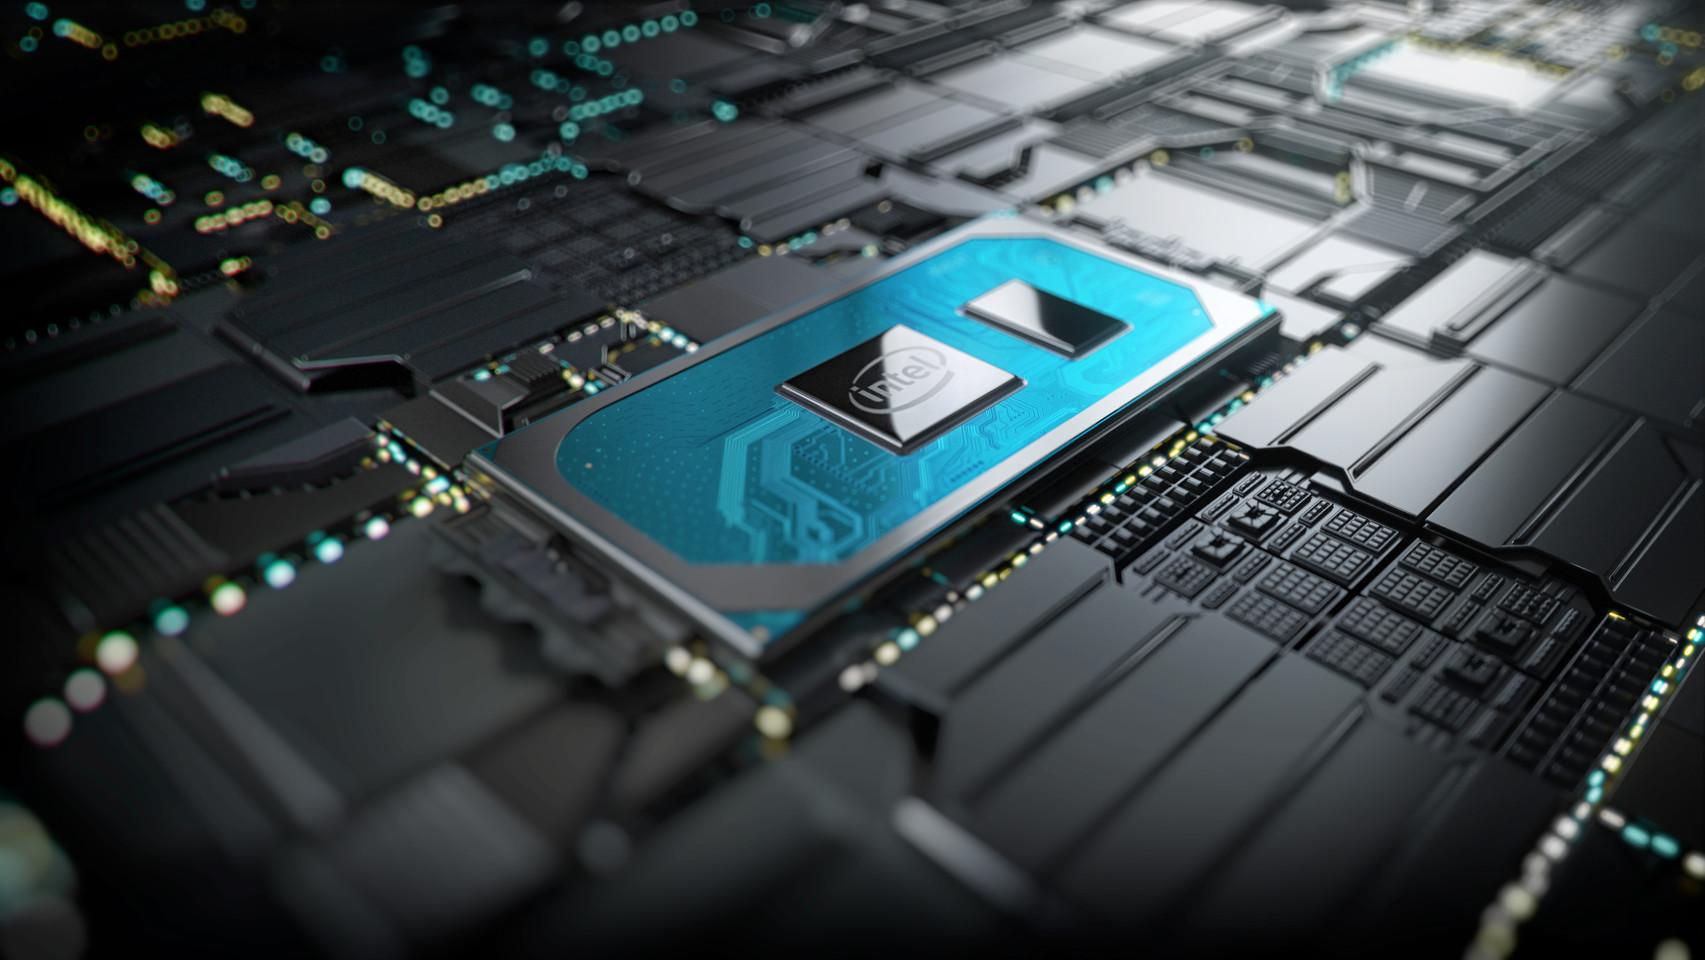 Intel Tiger Lake-H : 8 cores hautes performances en 10 nm dès le début d'année 2021 selon un fabricant ODM